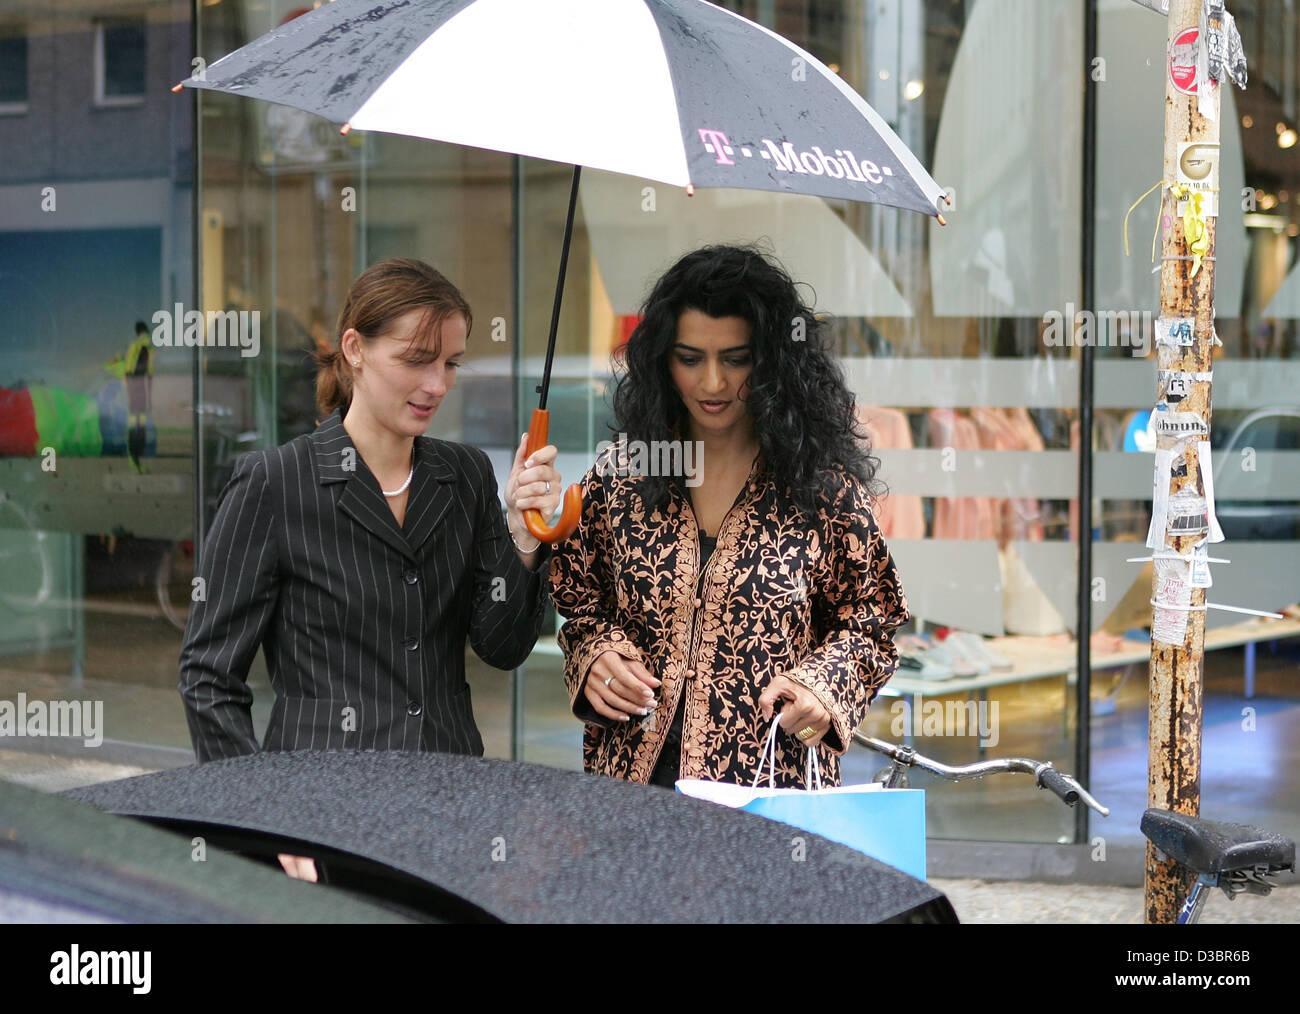 Jermaine Jackson Freundin Halima ist zum Auto von einem Mitarbeiter begleitet werden, nach dem Einkauf im Adidas Stockfoto